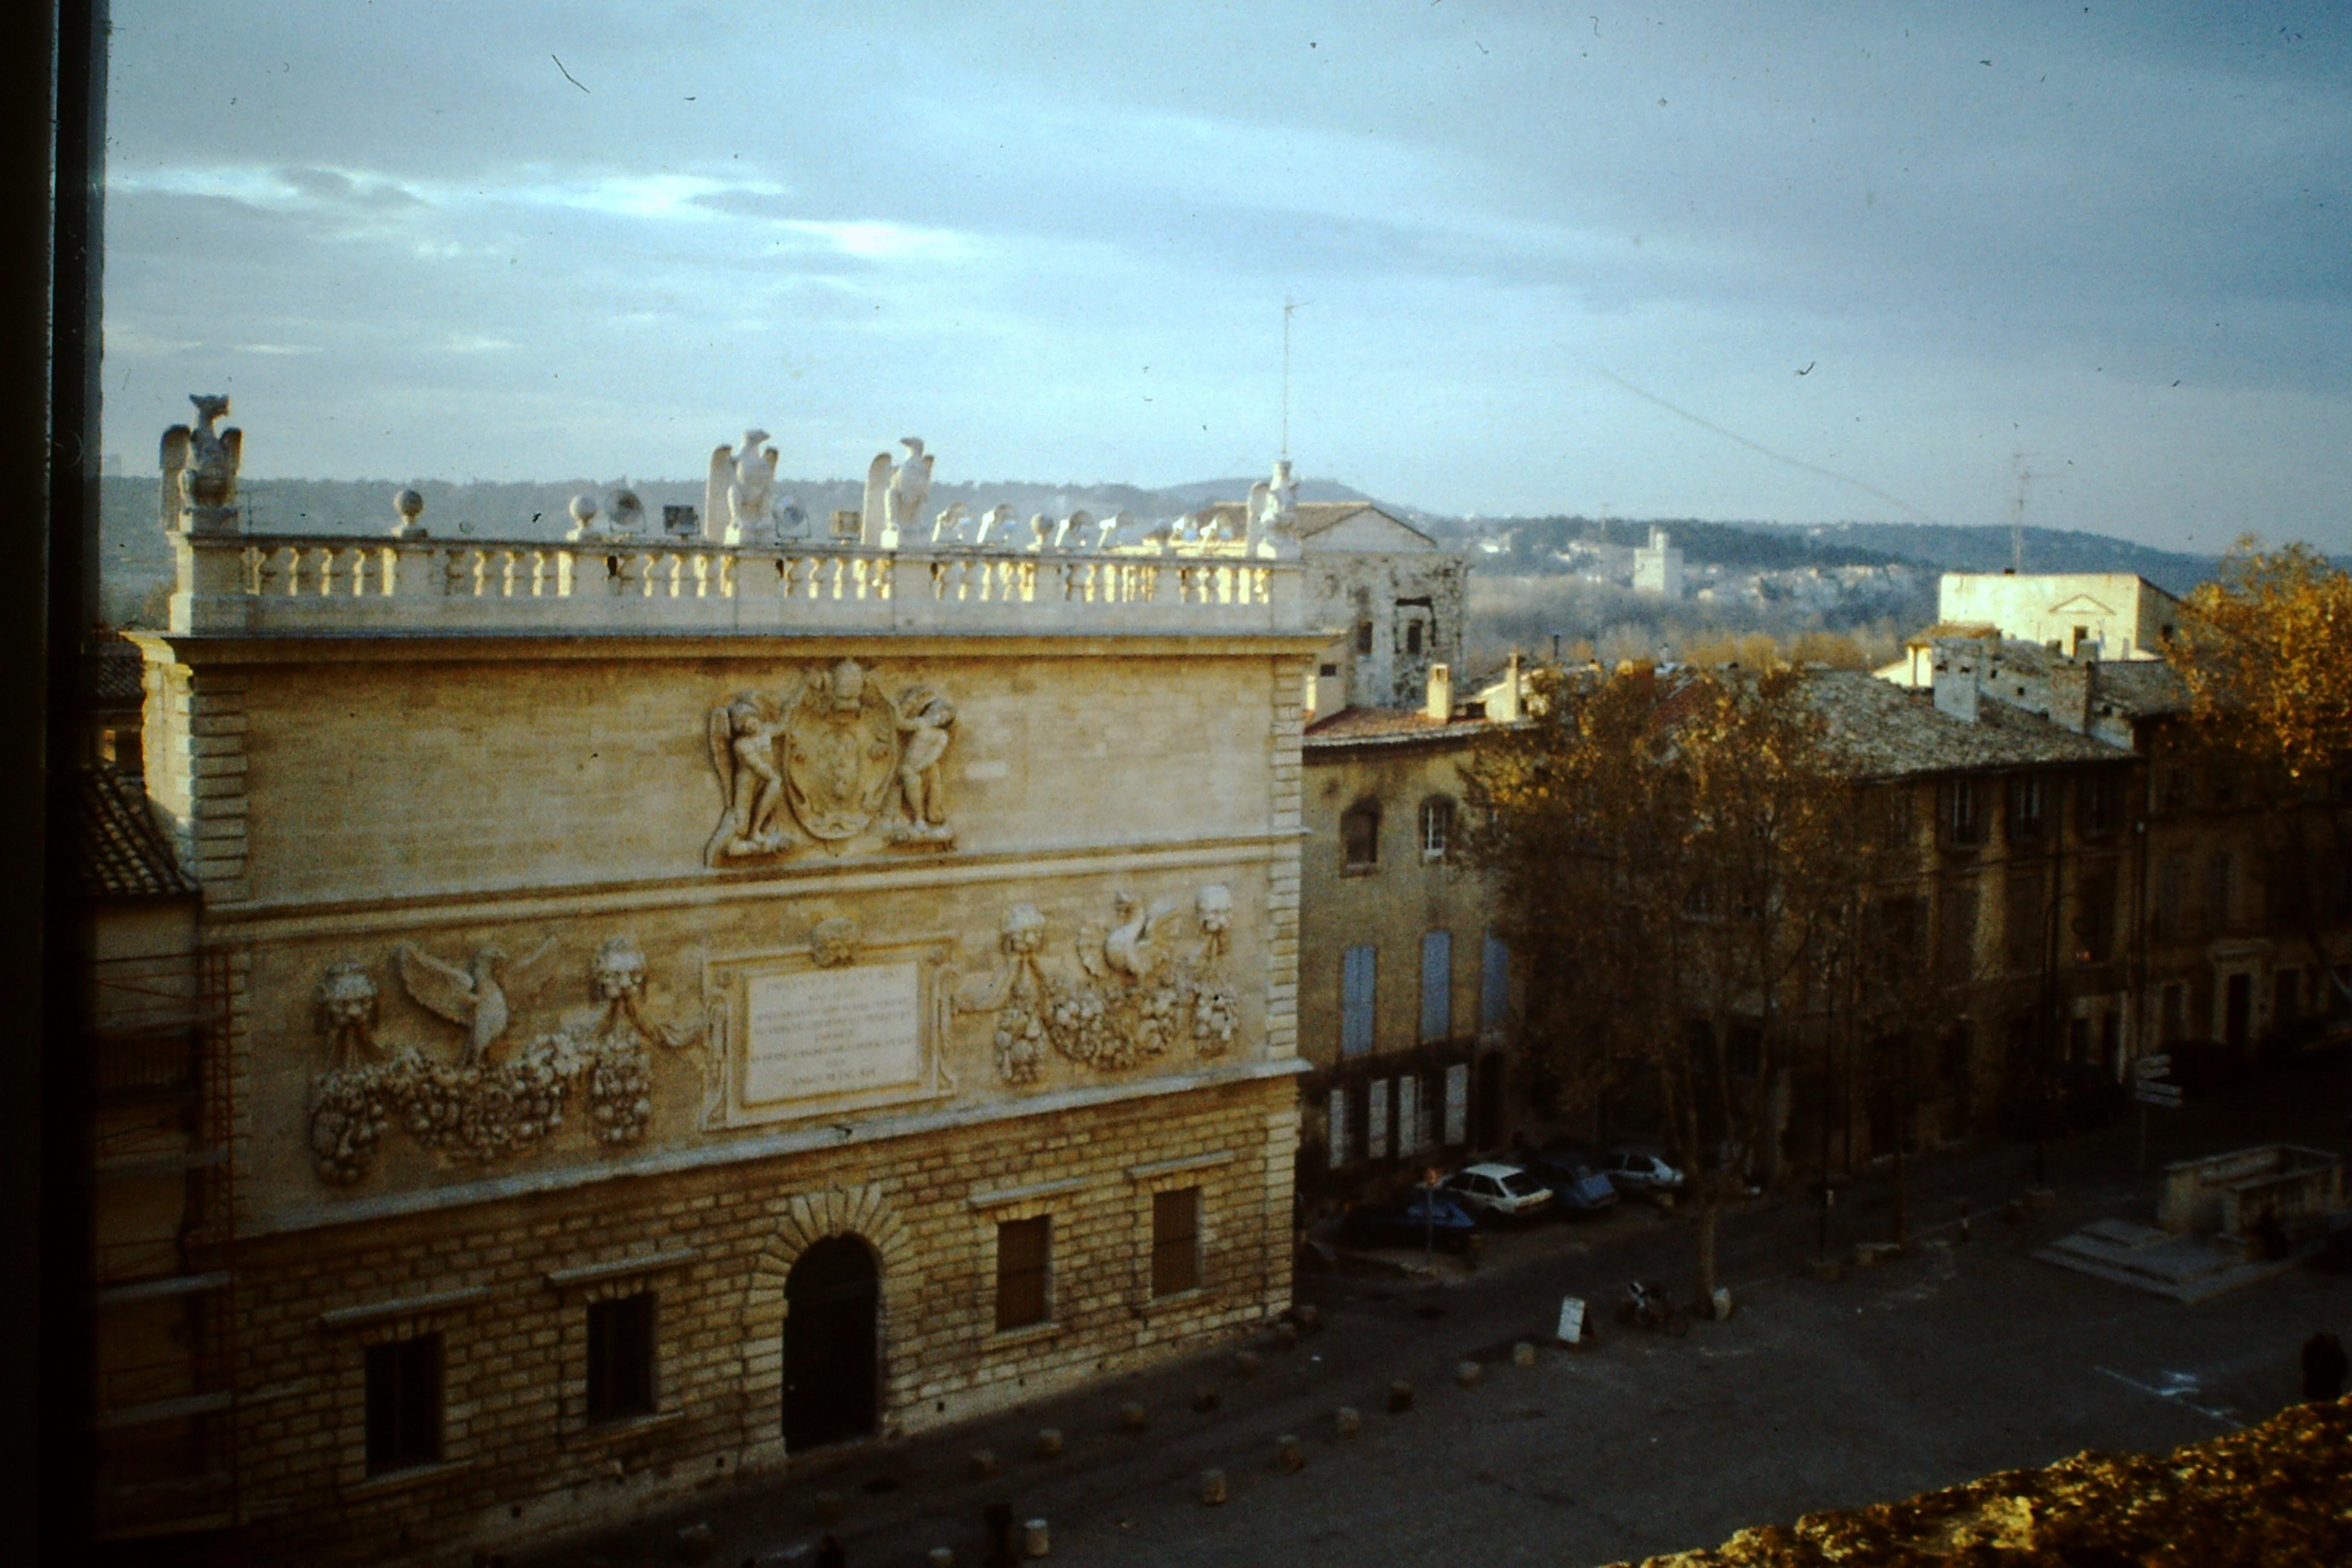 Adieu Avignon!